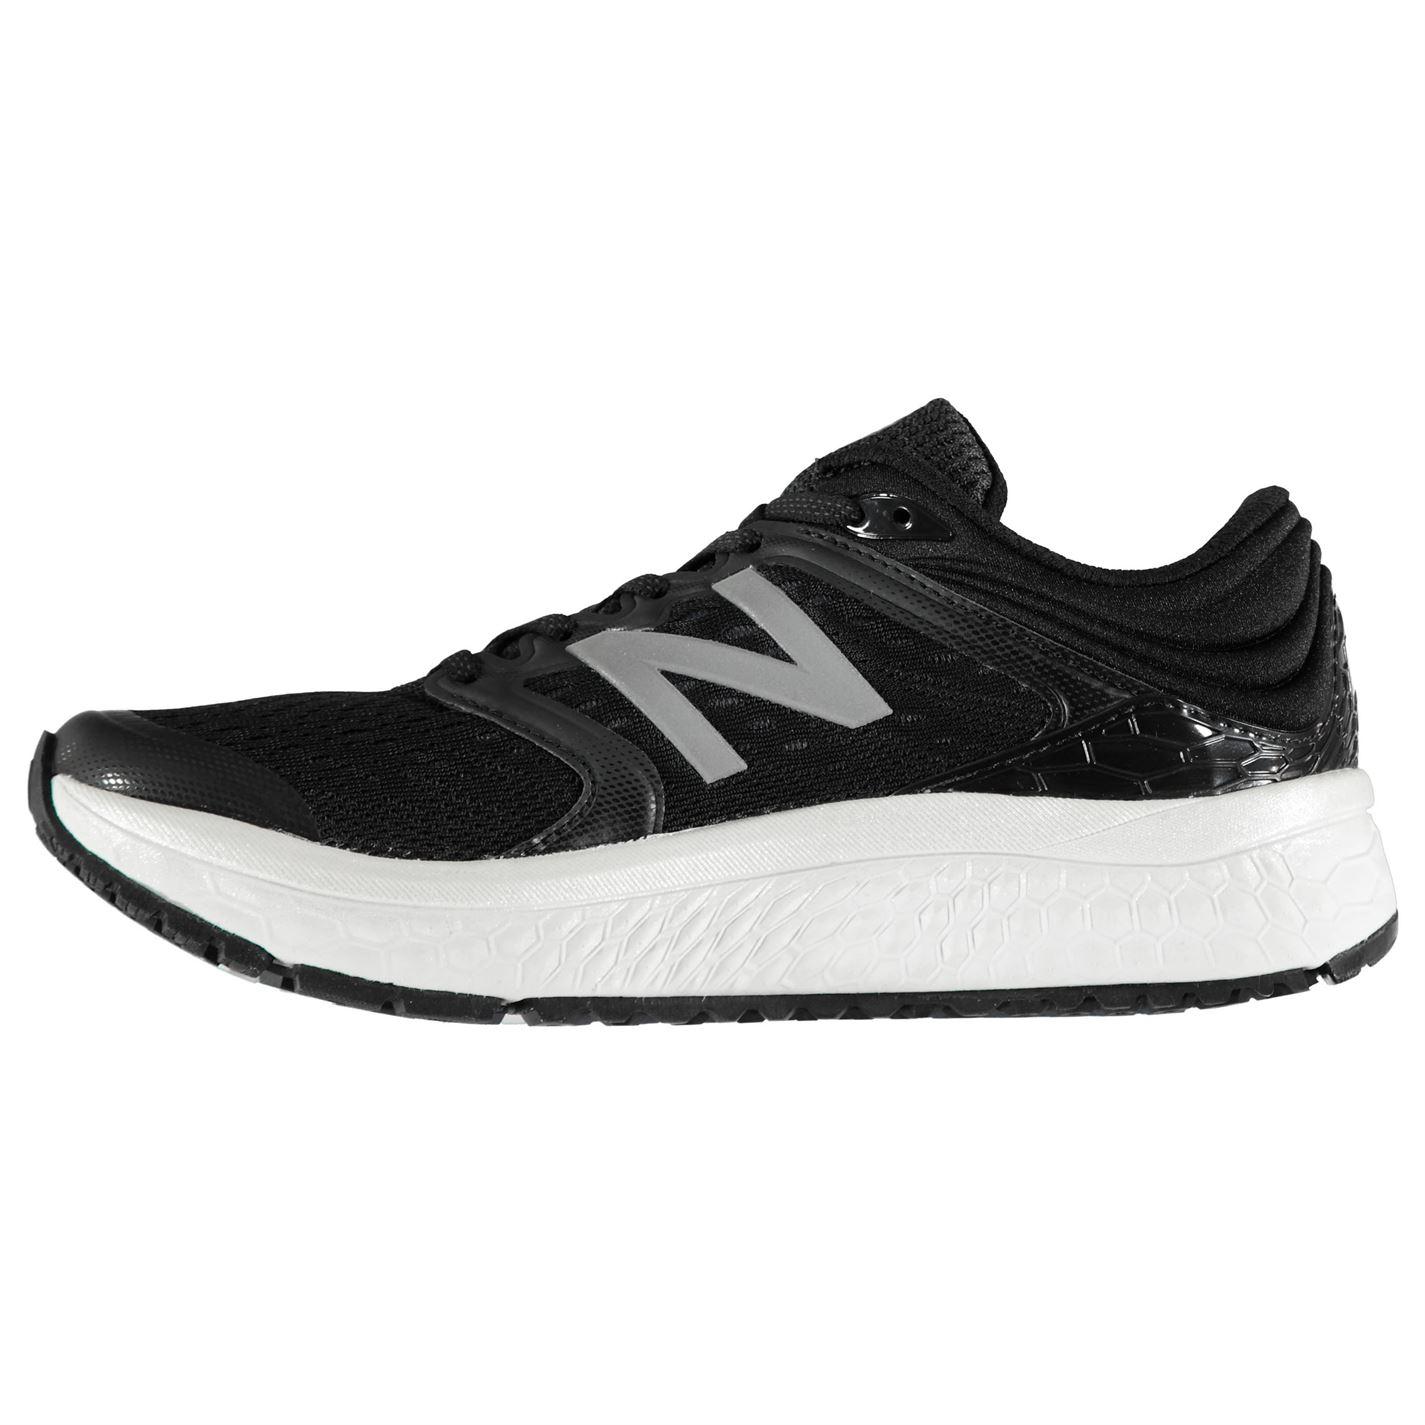 af69015f4969e New Balance Fresh Foam 1080 v8 B Running Shoes Road Womens | eBay